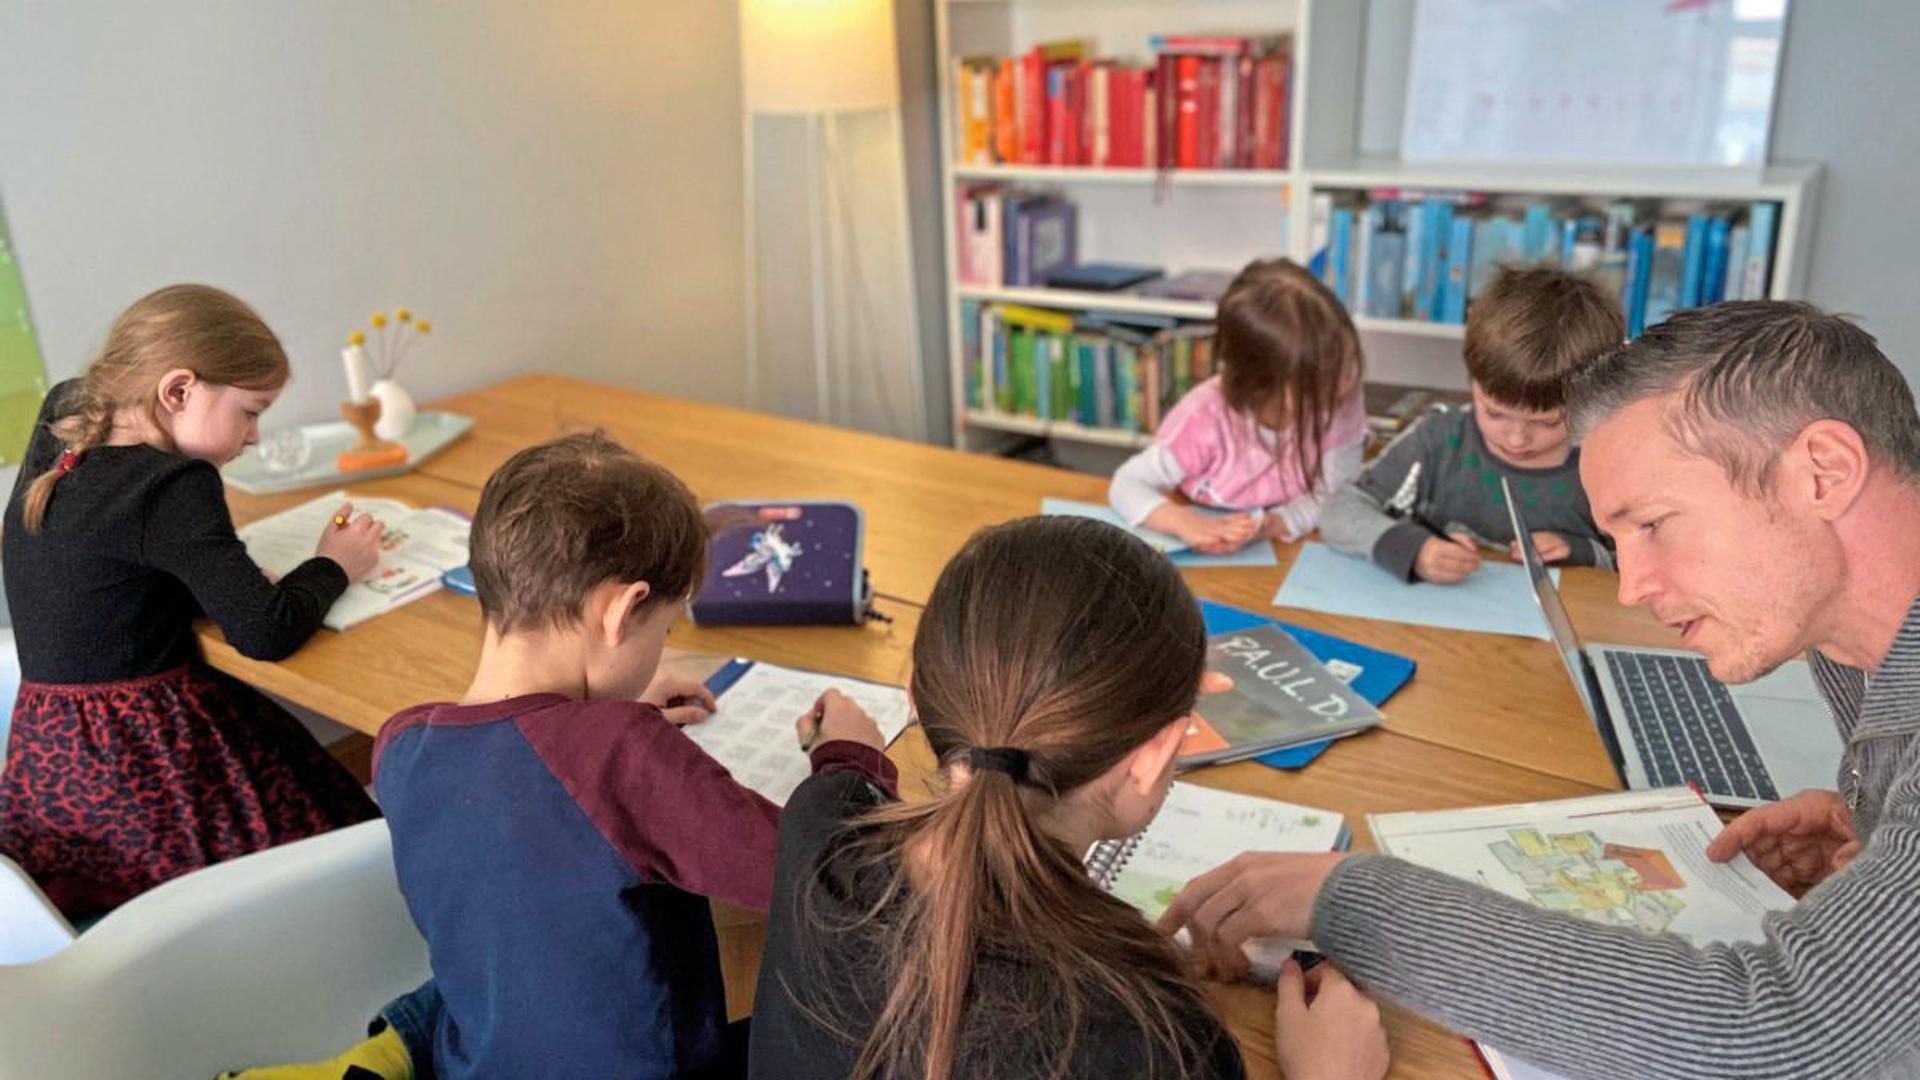 Kinder aus der Nachbarschaft unterweist Marc Hinse während der coronabedingten Schulschließung in seinem privaten Homeschooling-Projekt.